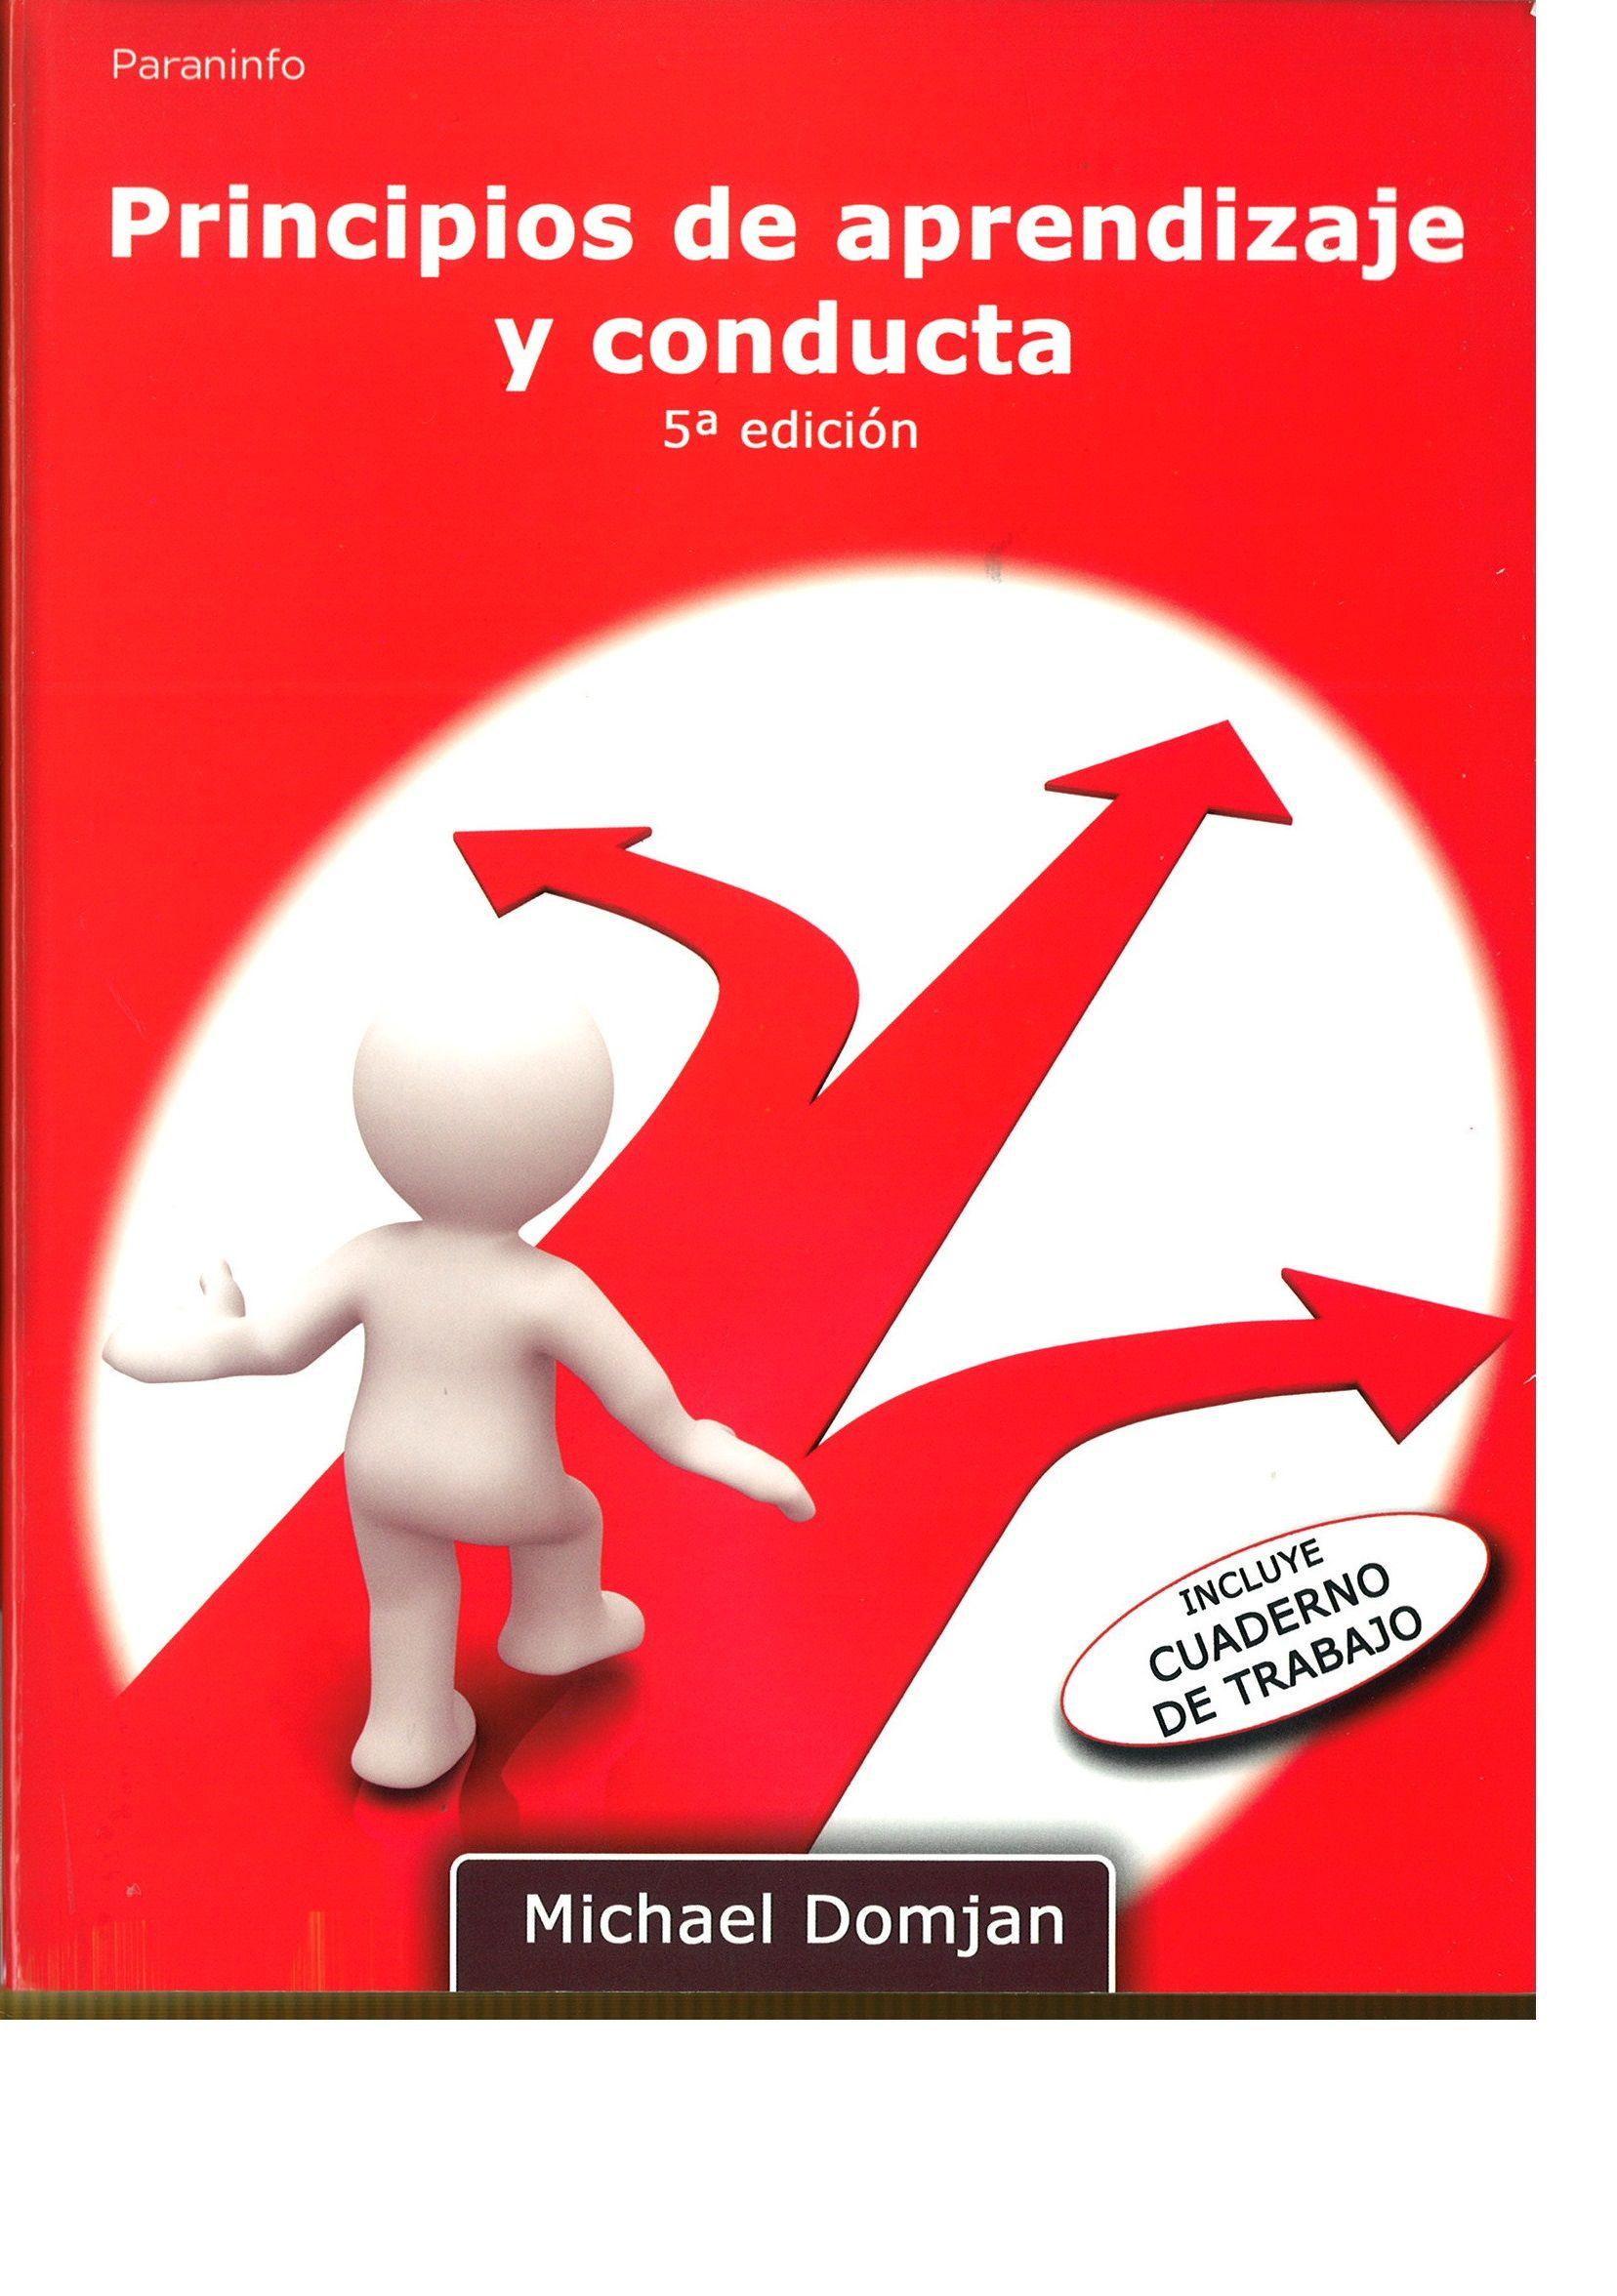 Principios De Aprendizaje Y Conducta Michael Domjan Con Contribuciones De J W Grau Paraninfo